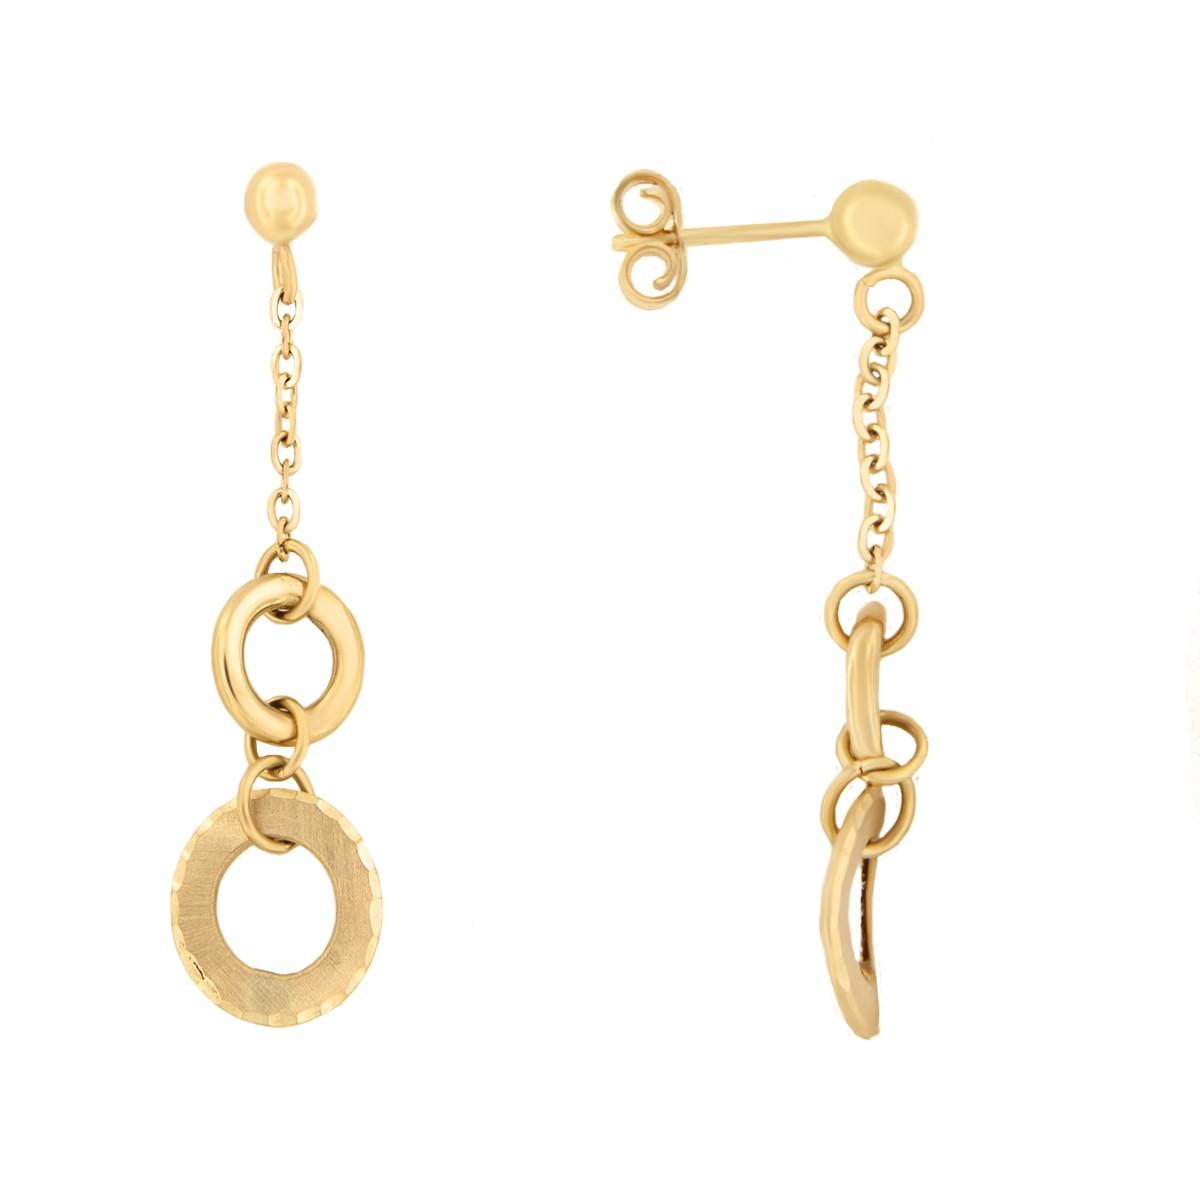 Kullast kõrvarõngad pärlitega Kood: 24tl